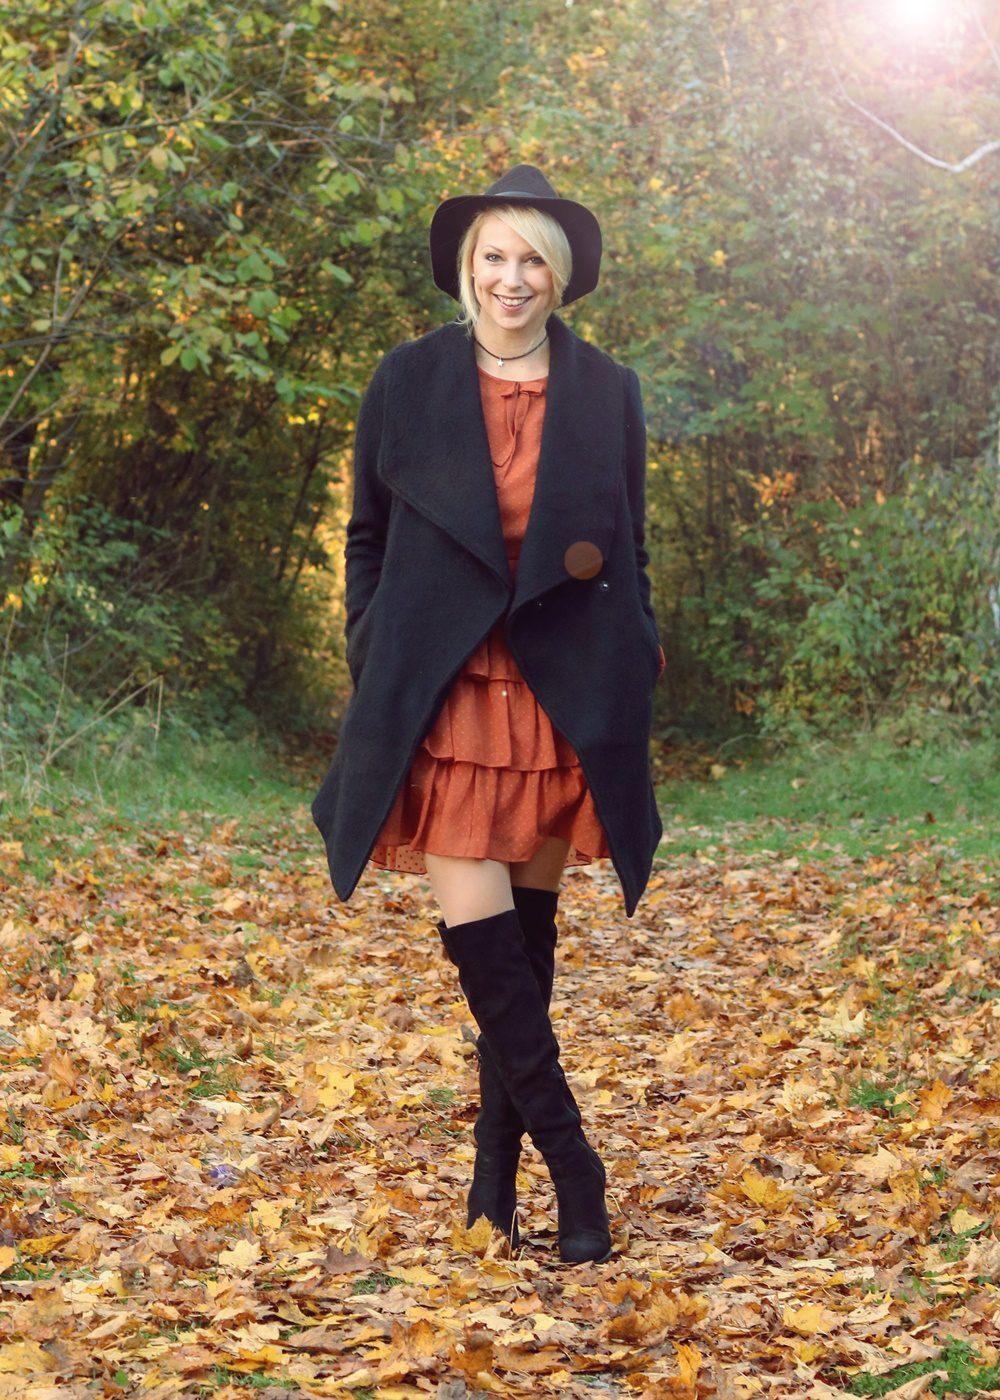 modeblogger-karlsruhe-outfit-herbst-kleid-vero-moda-rostrot-schwarzer-mantel-overknees-2-von-27